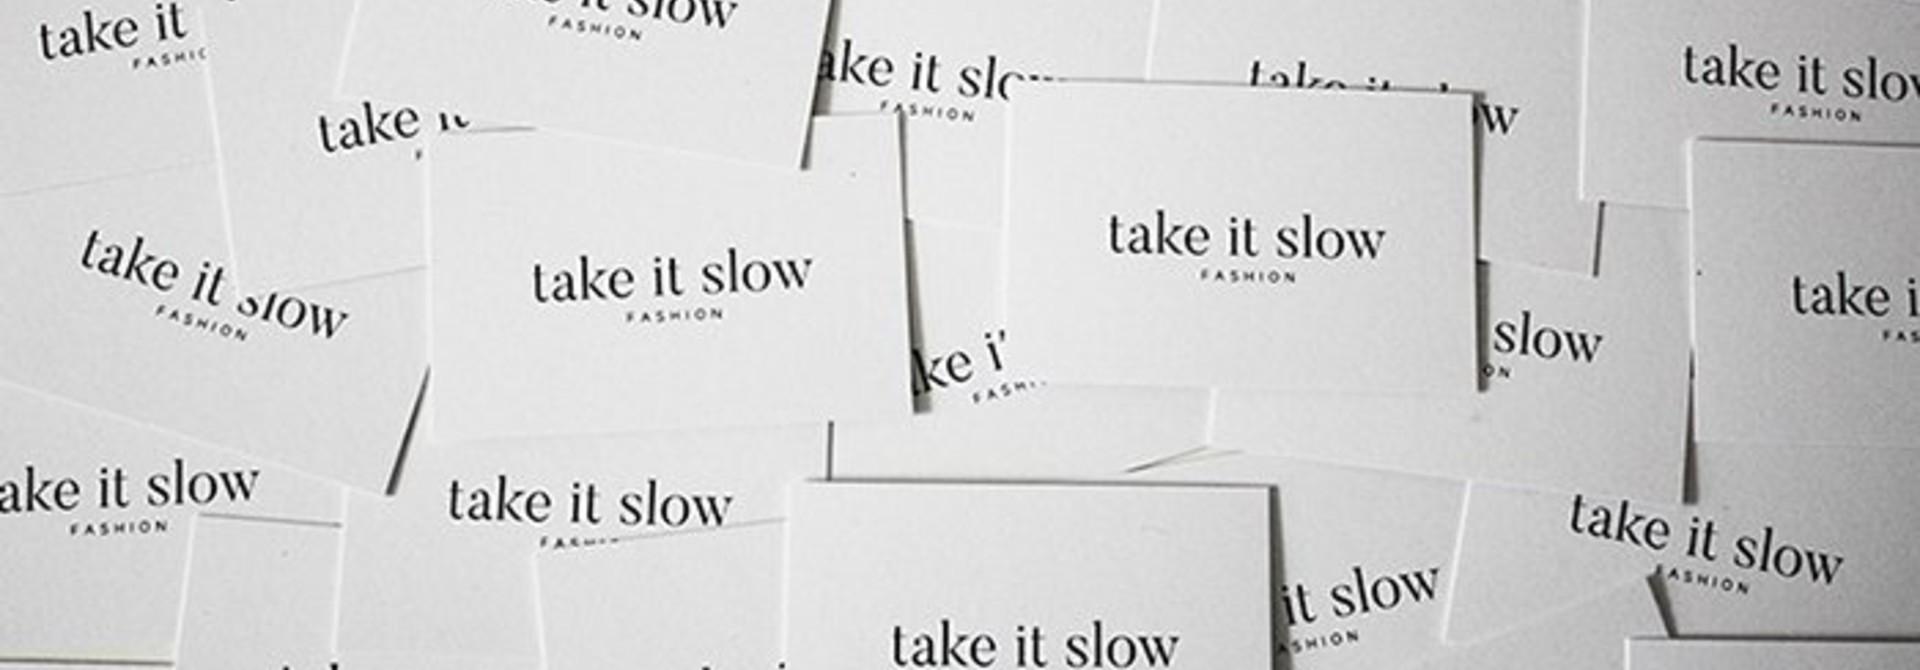 Hoe de visitekaartjes van Take it slow zo min mogelijk impact hebben op het milieu